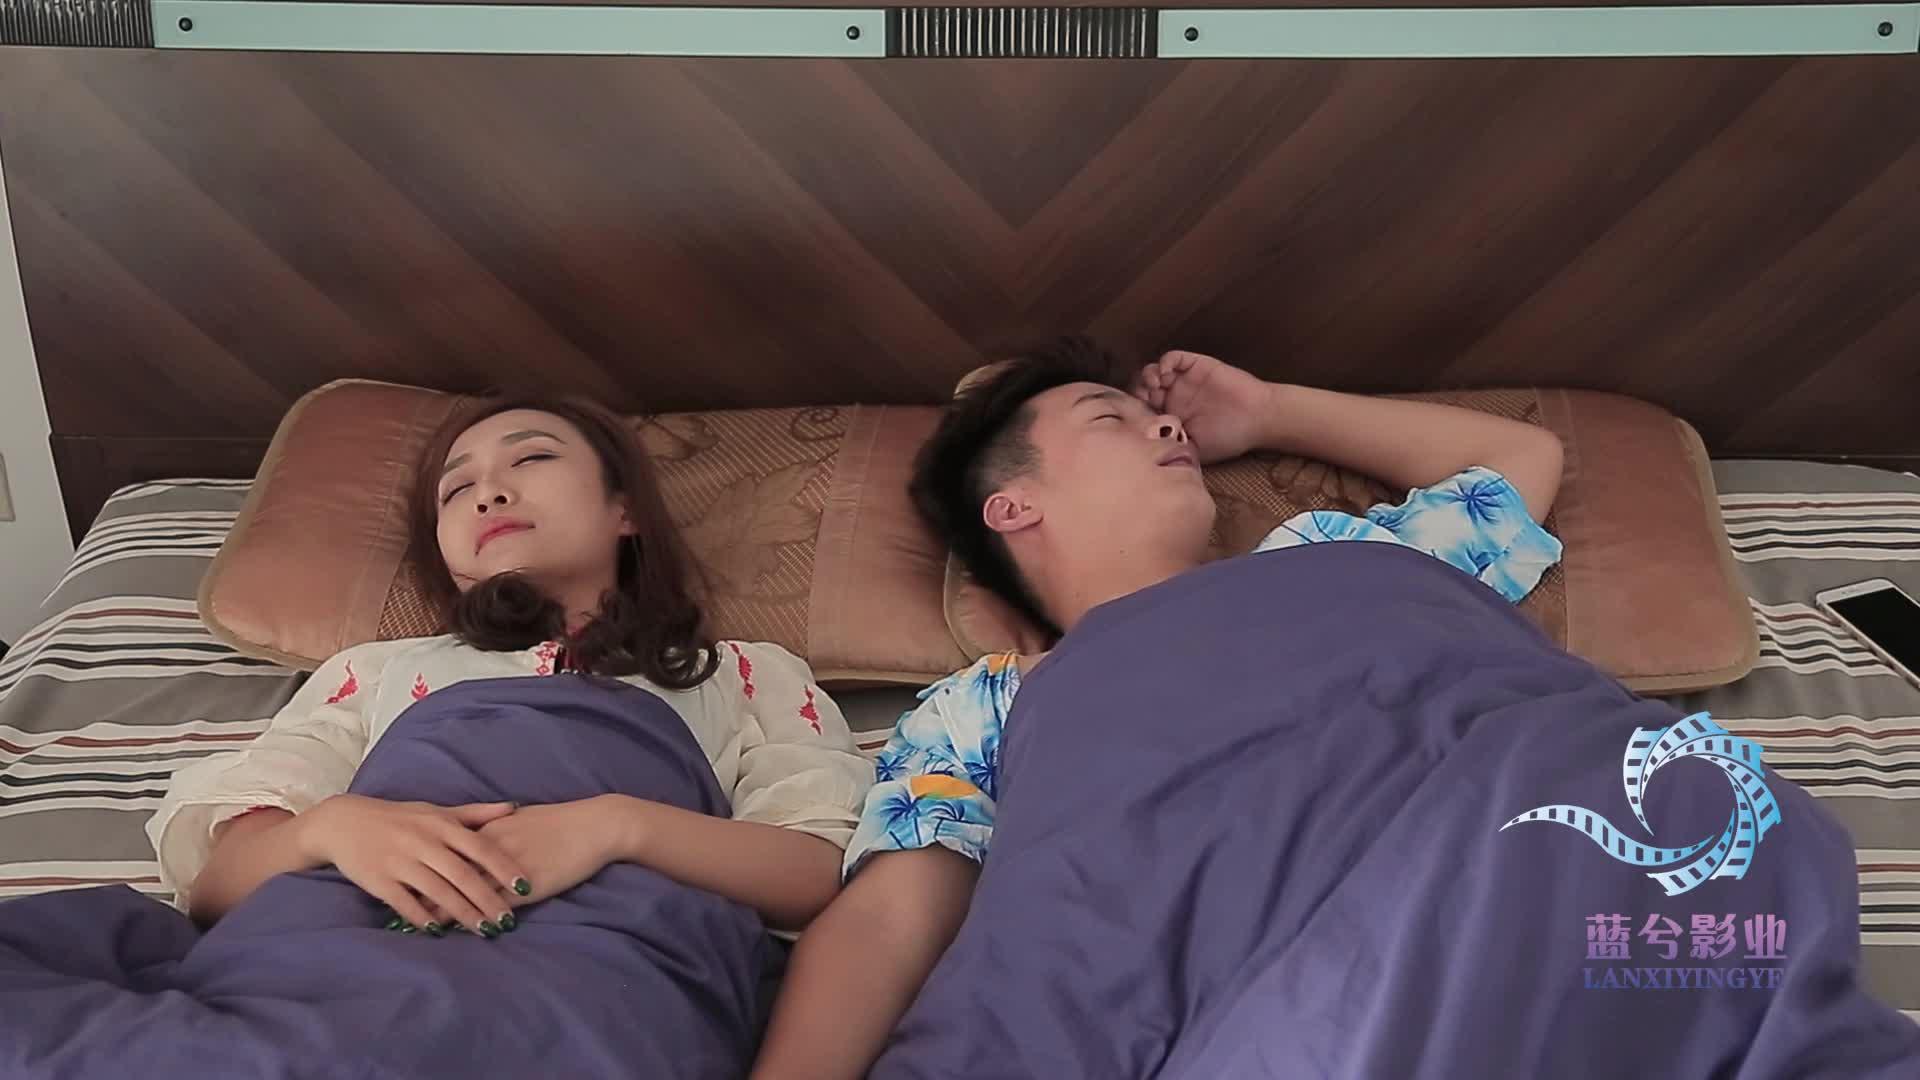 自从和女朋友同居以后,睡眠质量越来越差了